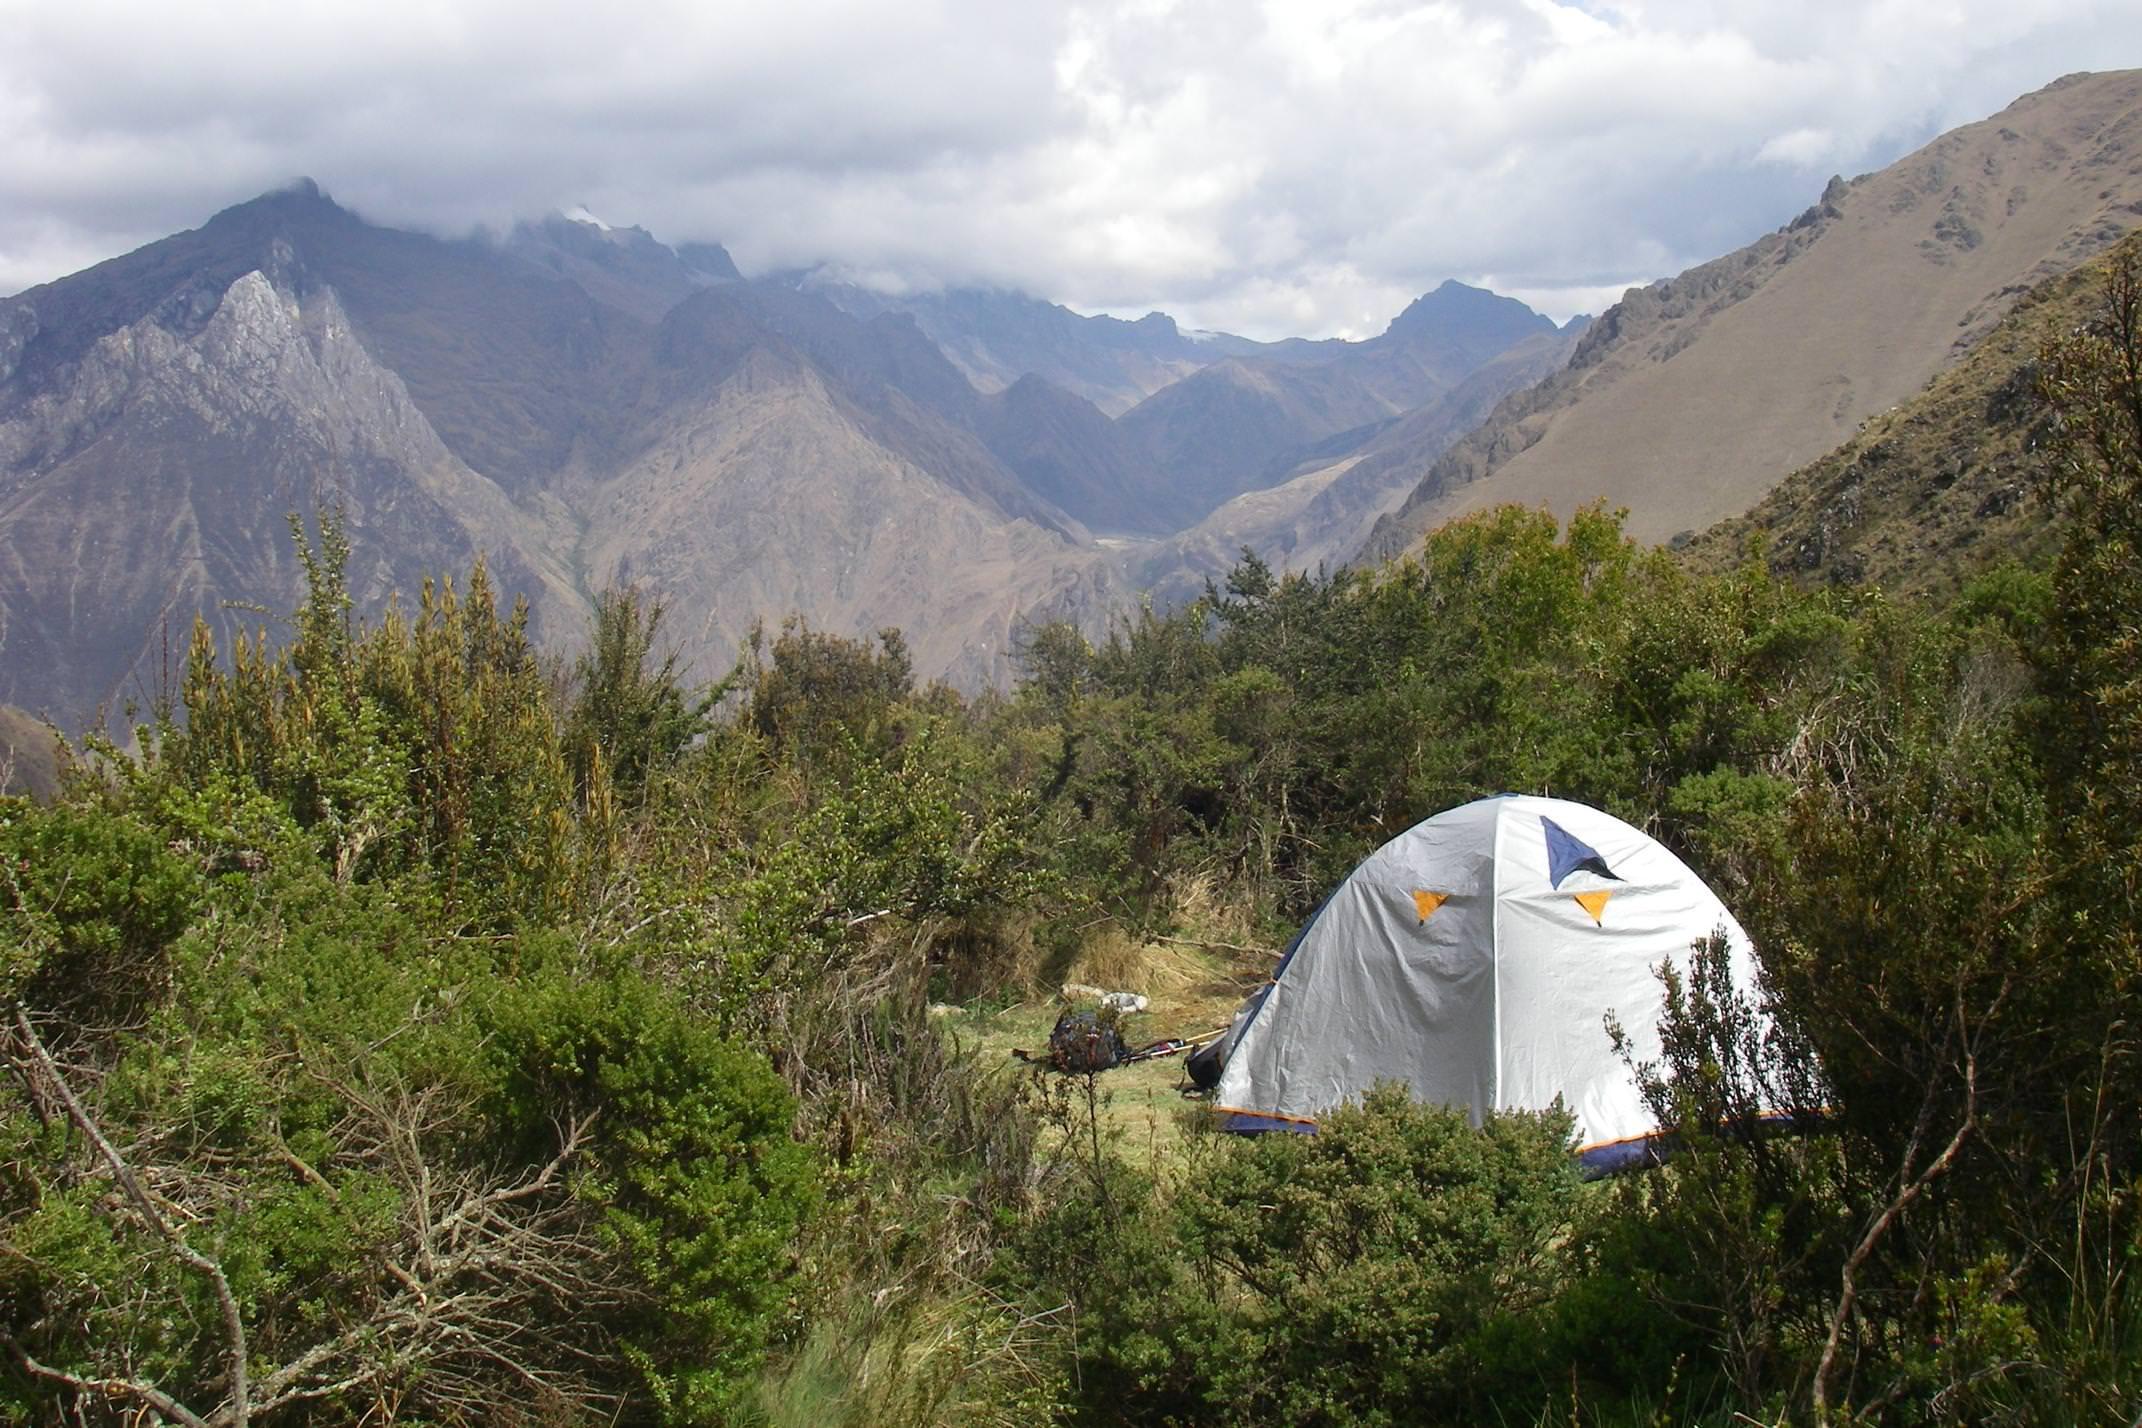 Peru inca trail to machu picchu solo tent small clearing